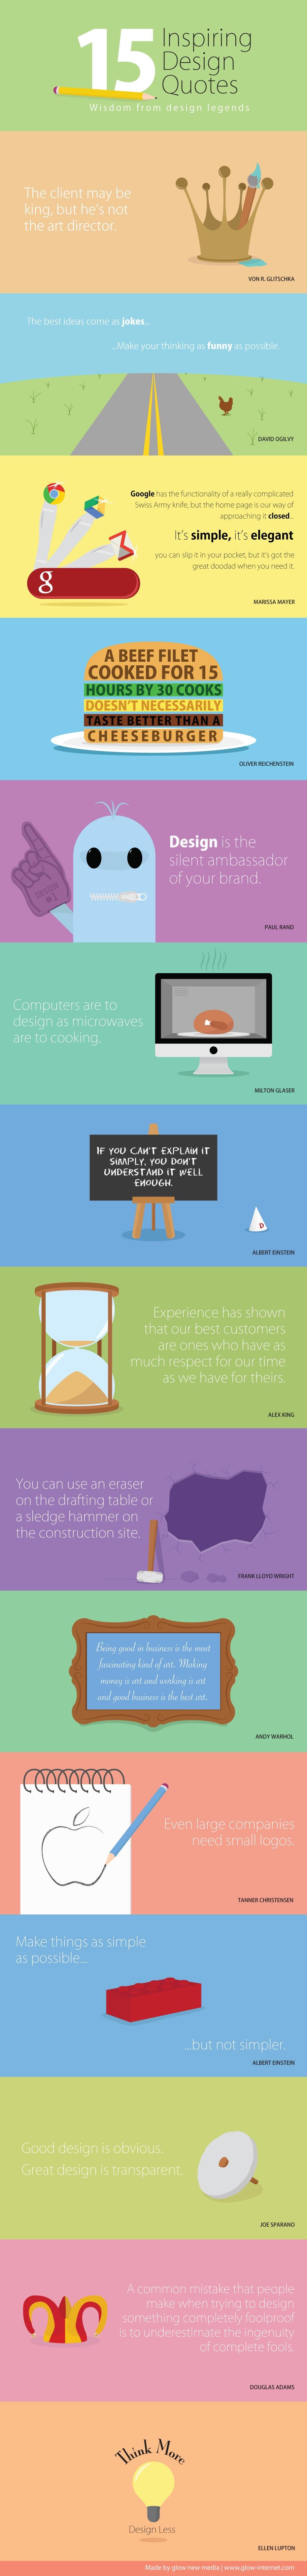 15 Inspiring Design Quotes - #infographic